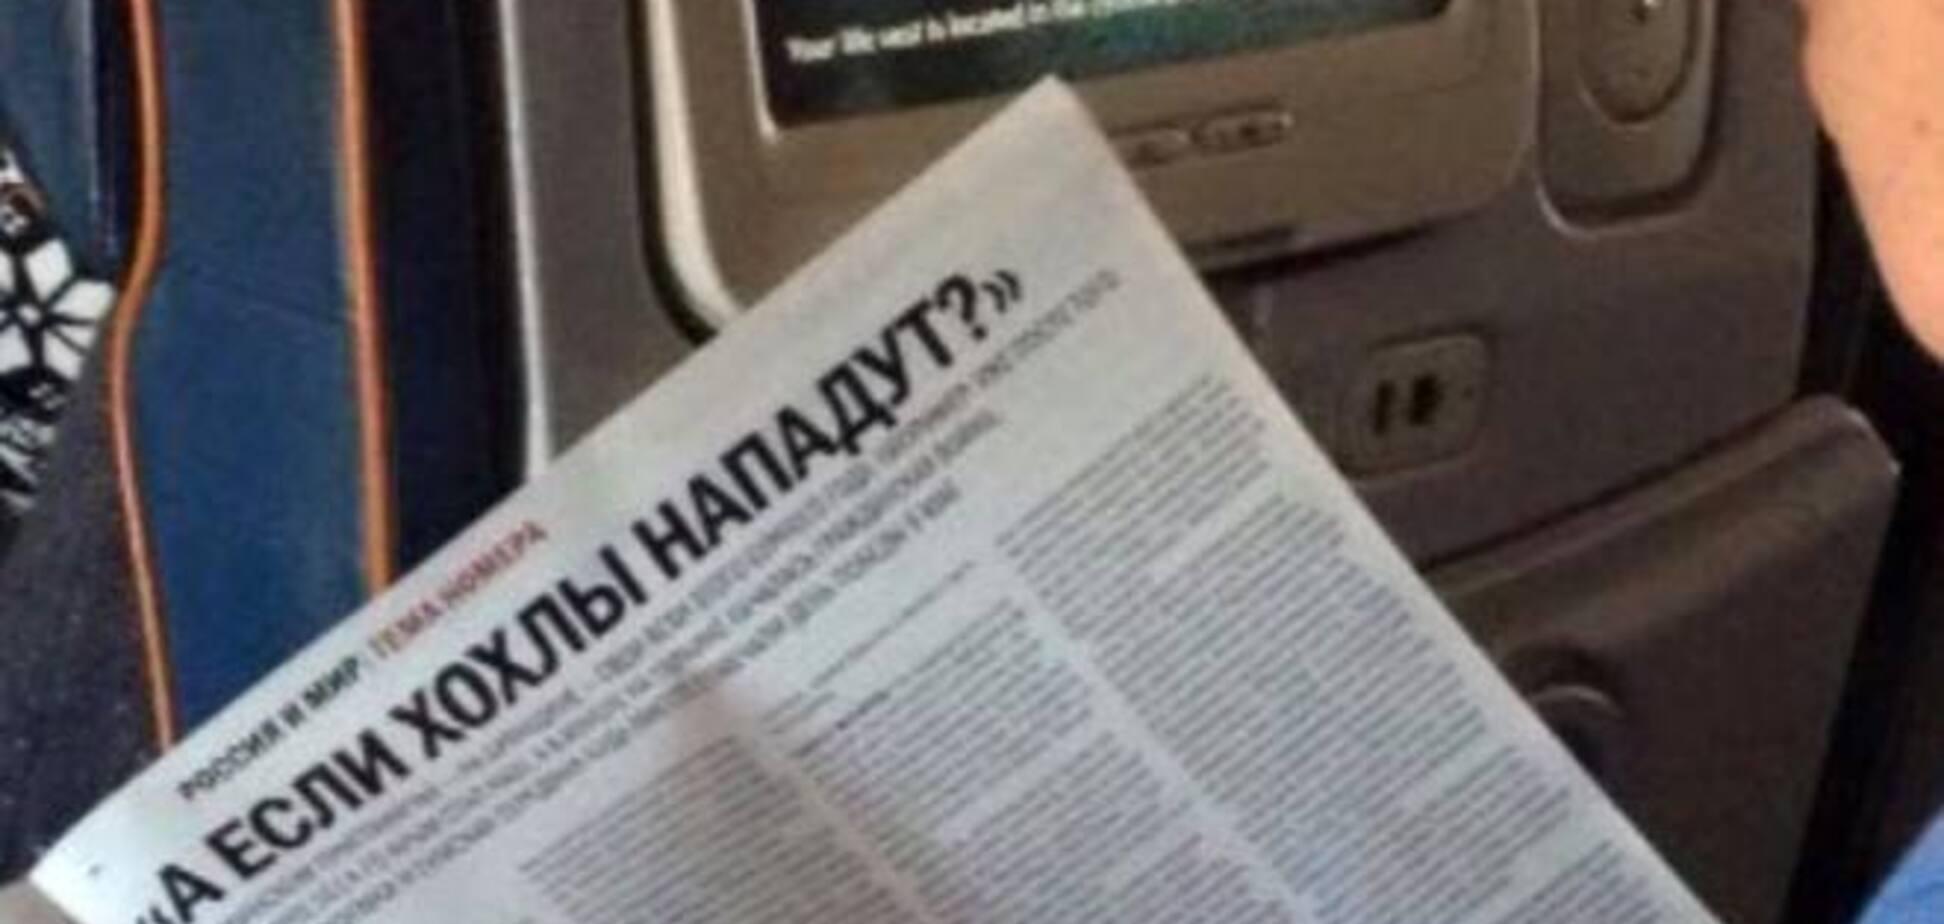 Росіяни прямо в літаку до Нью-Йорка читають: 'А якщо хохли нападуть?'. Фотофакт